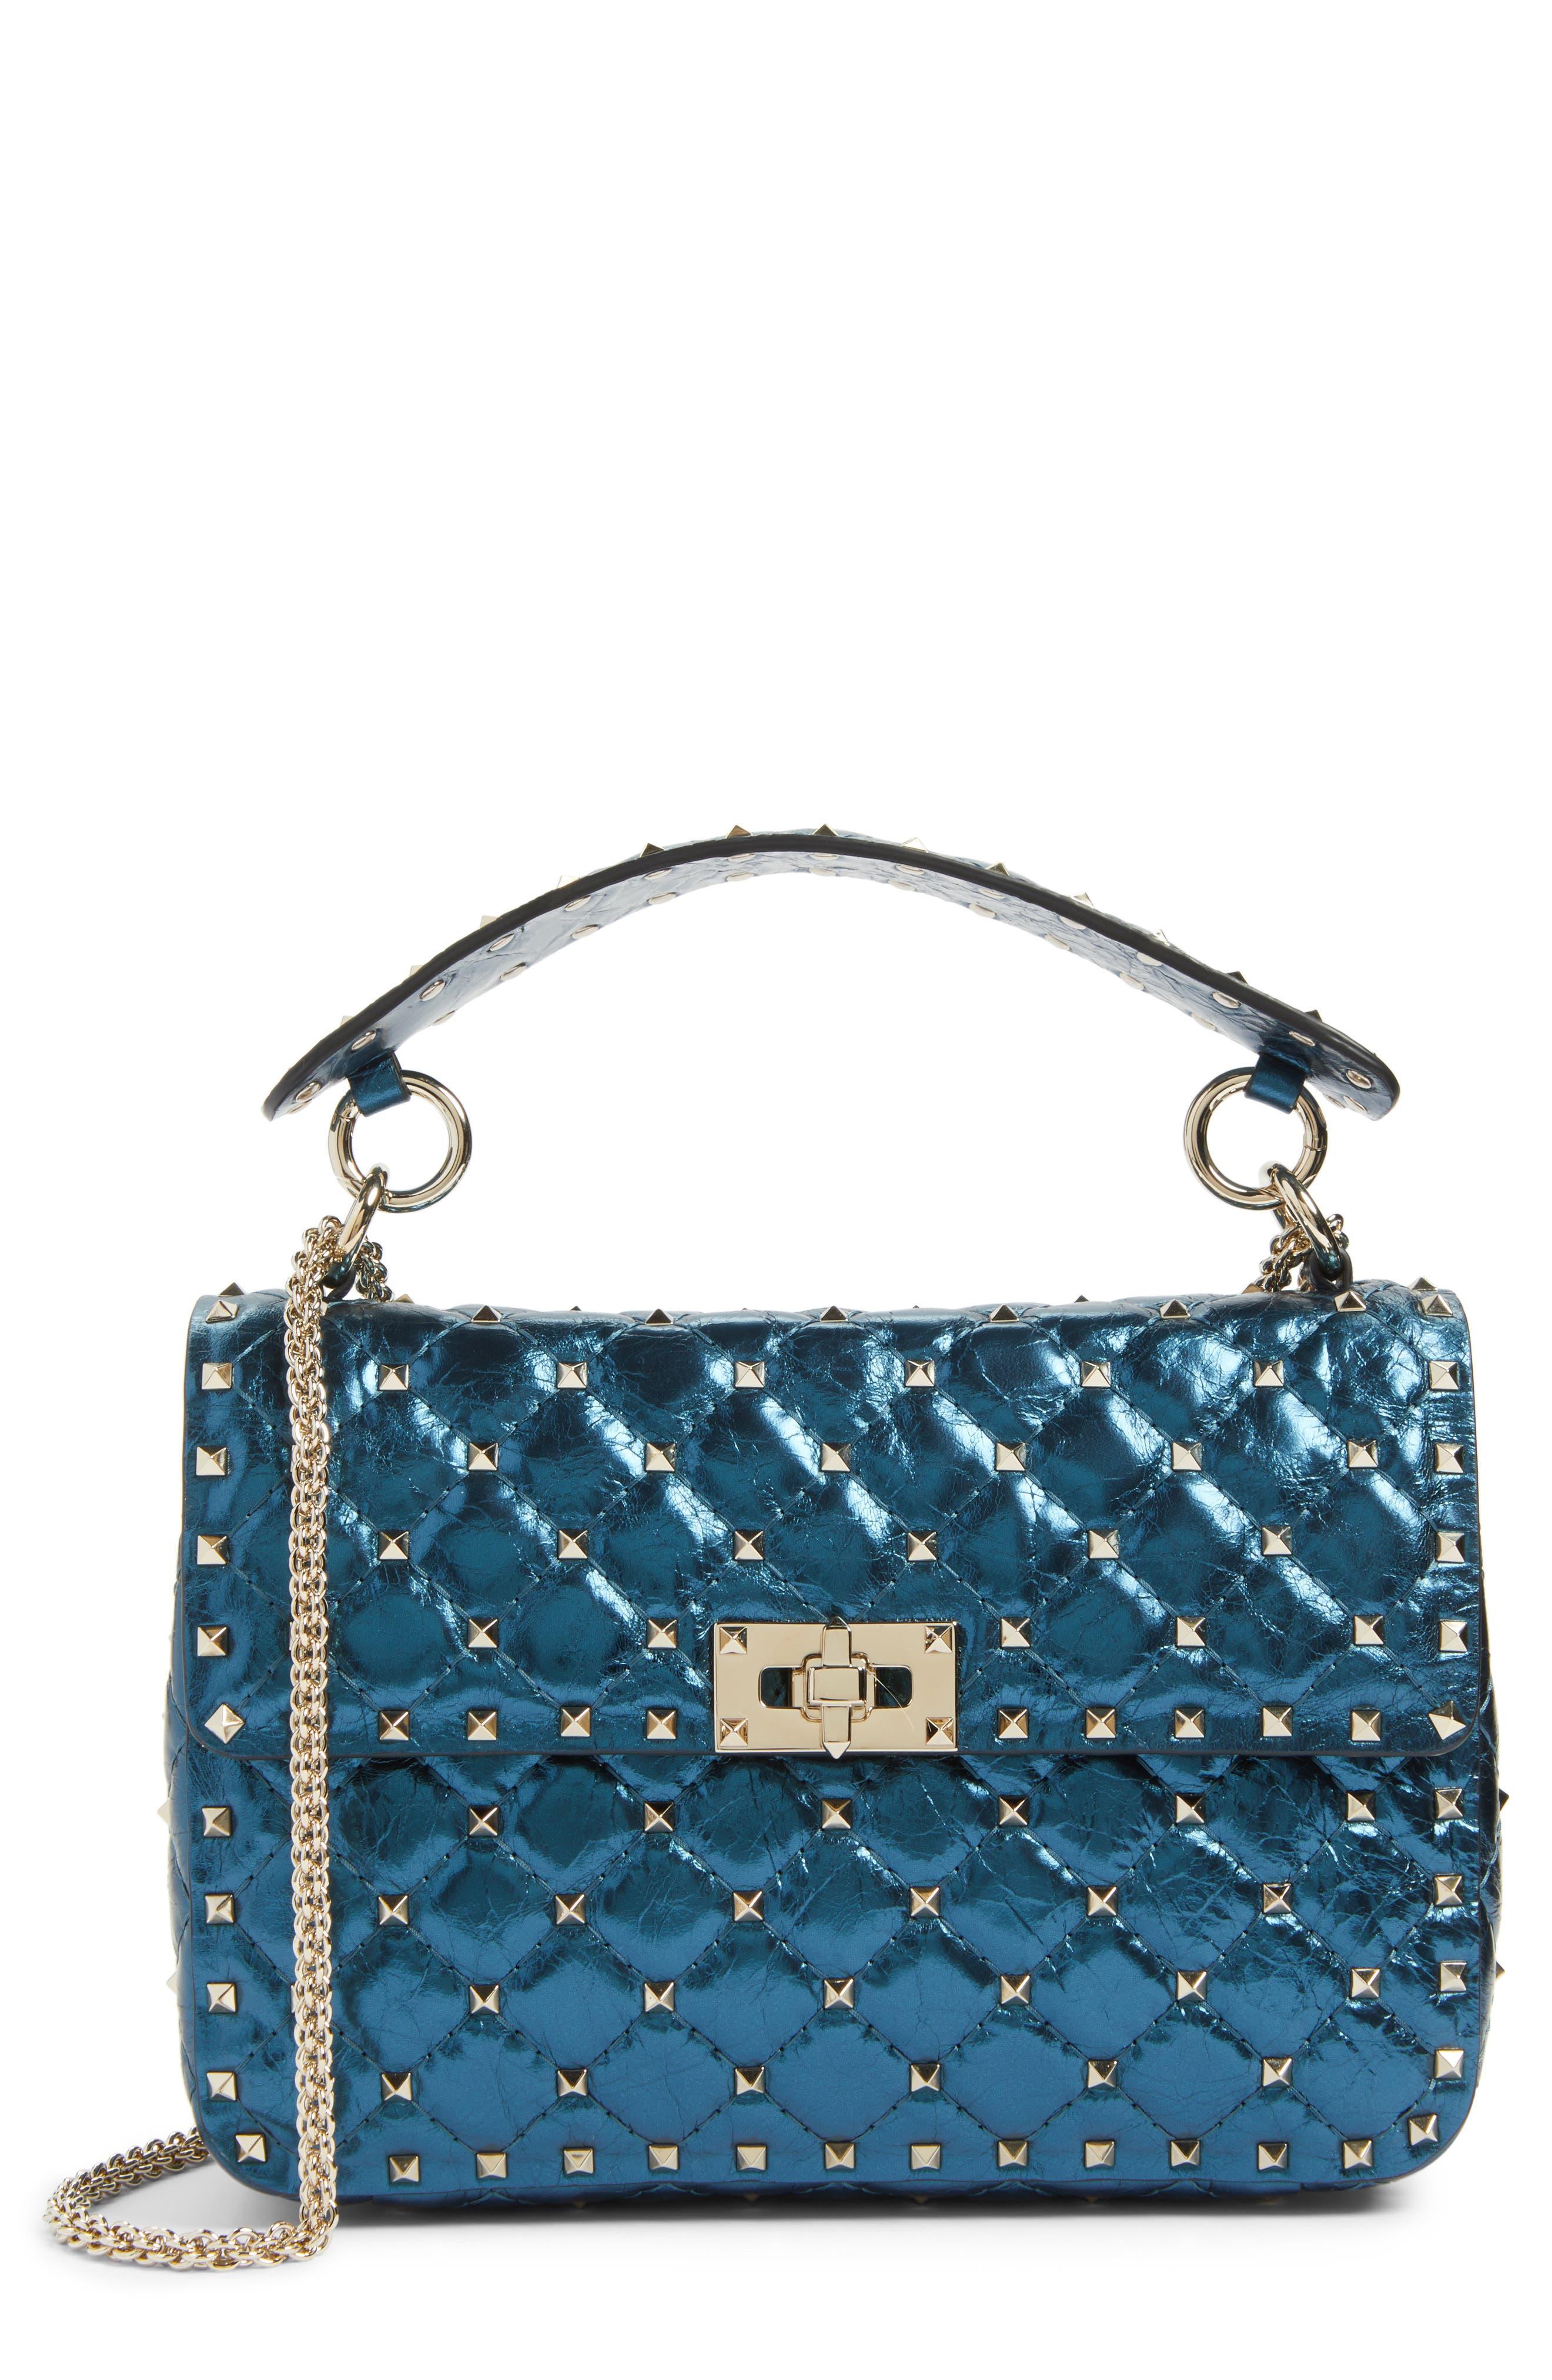 Medium Rockstud Spike Lambskin Shoulder Bag,                         Main,                         color,